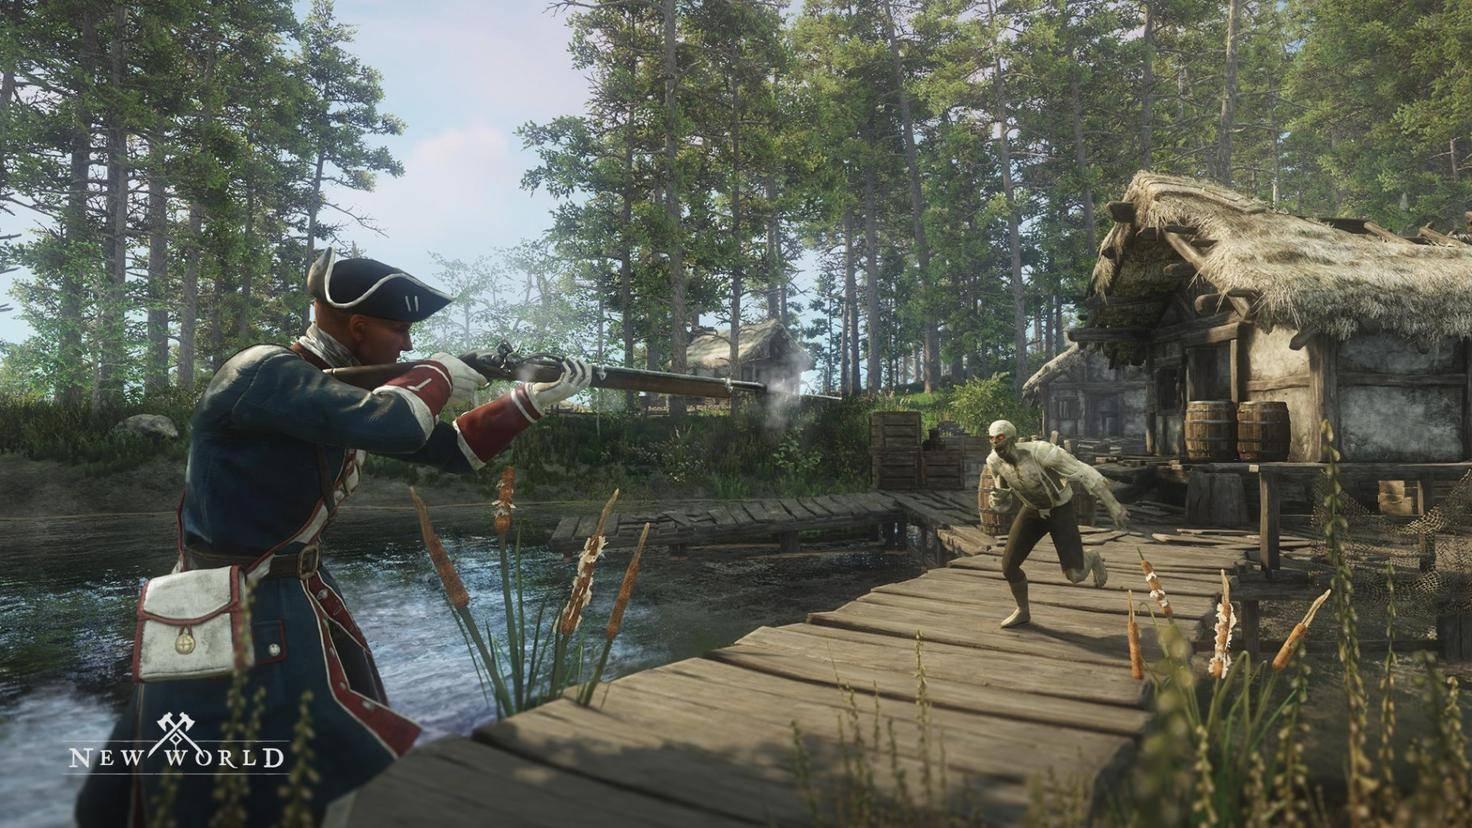 new-world-game-zombie-screenshot